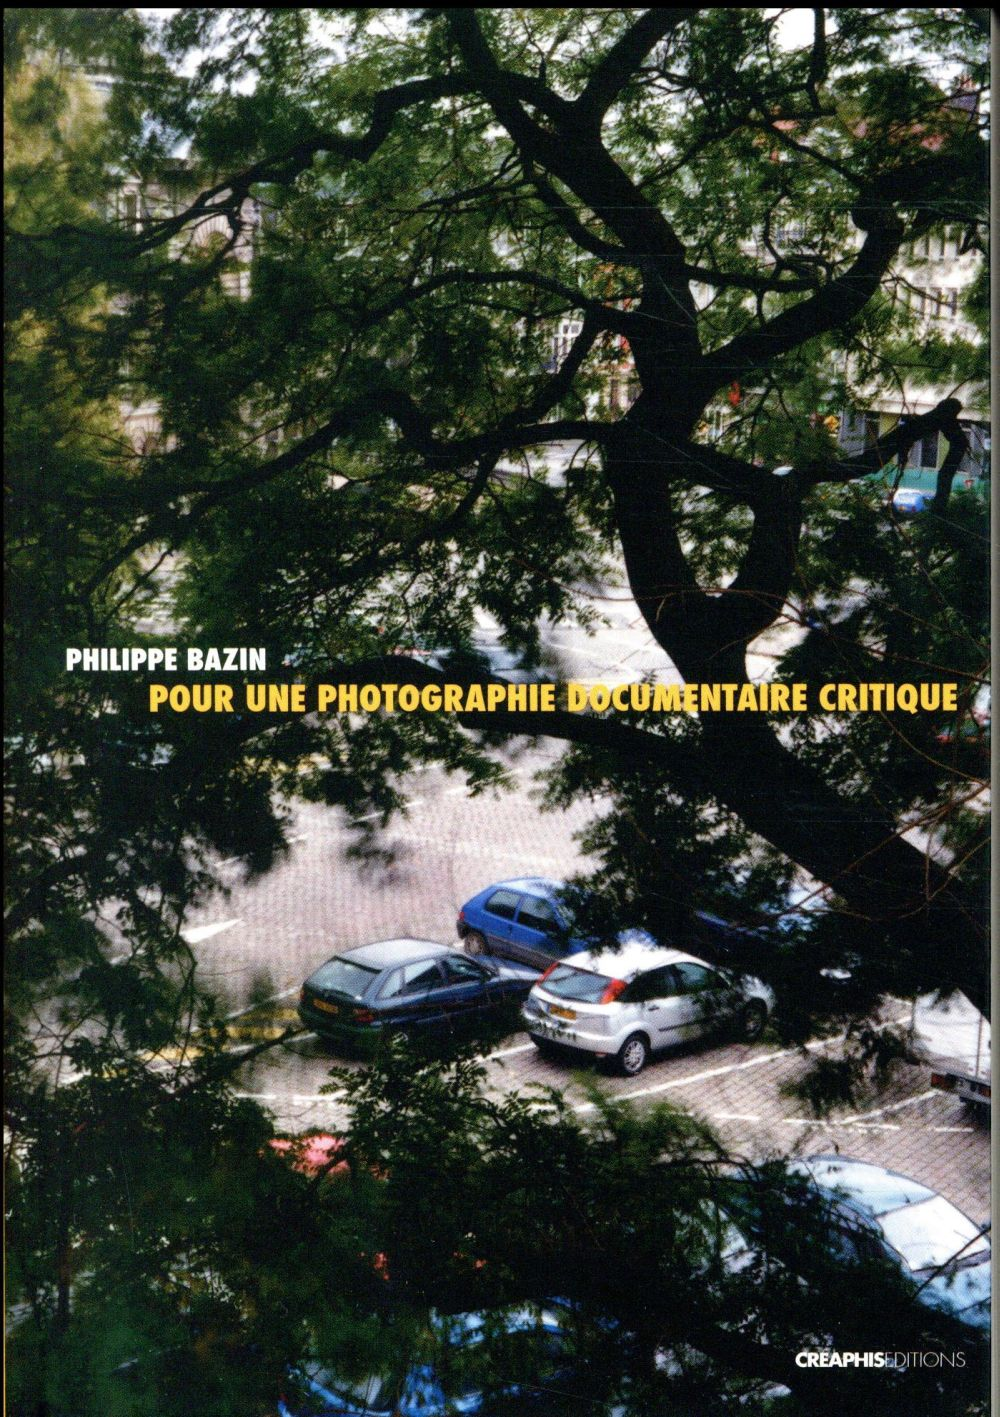 Pour une photographie documentaire critique